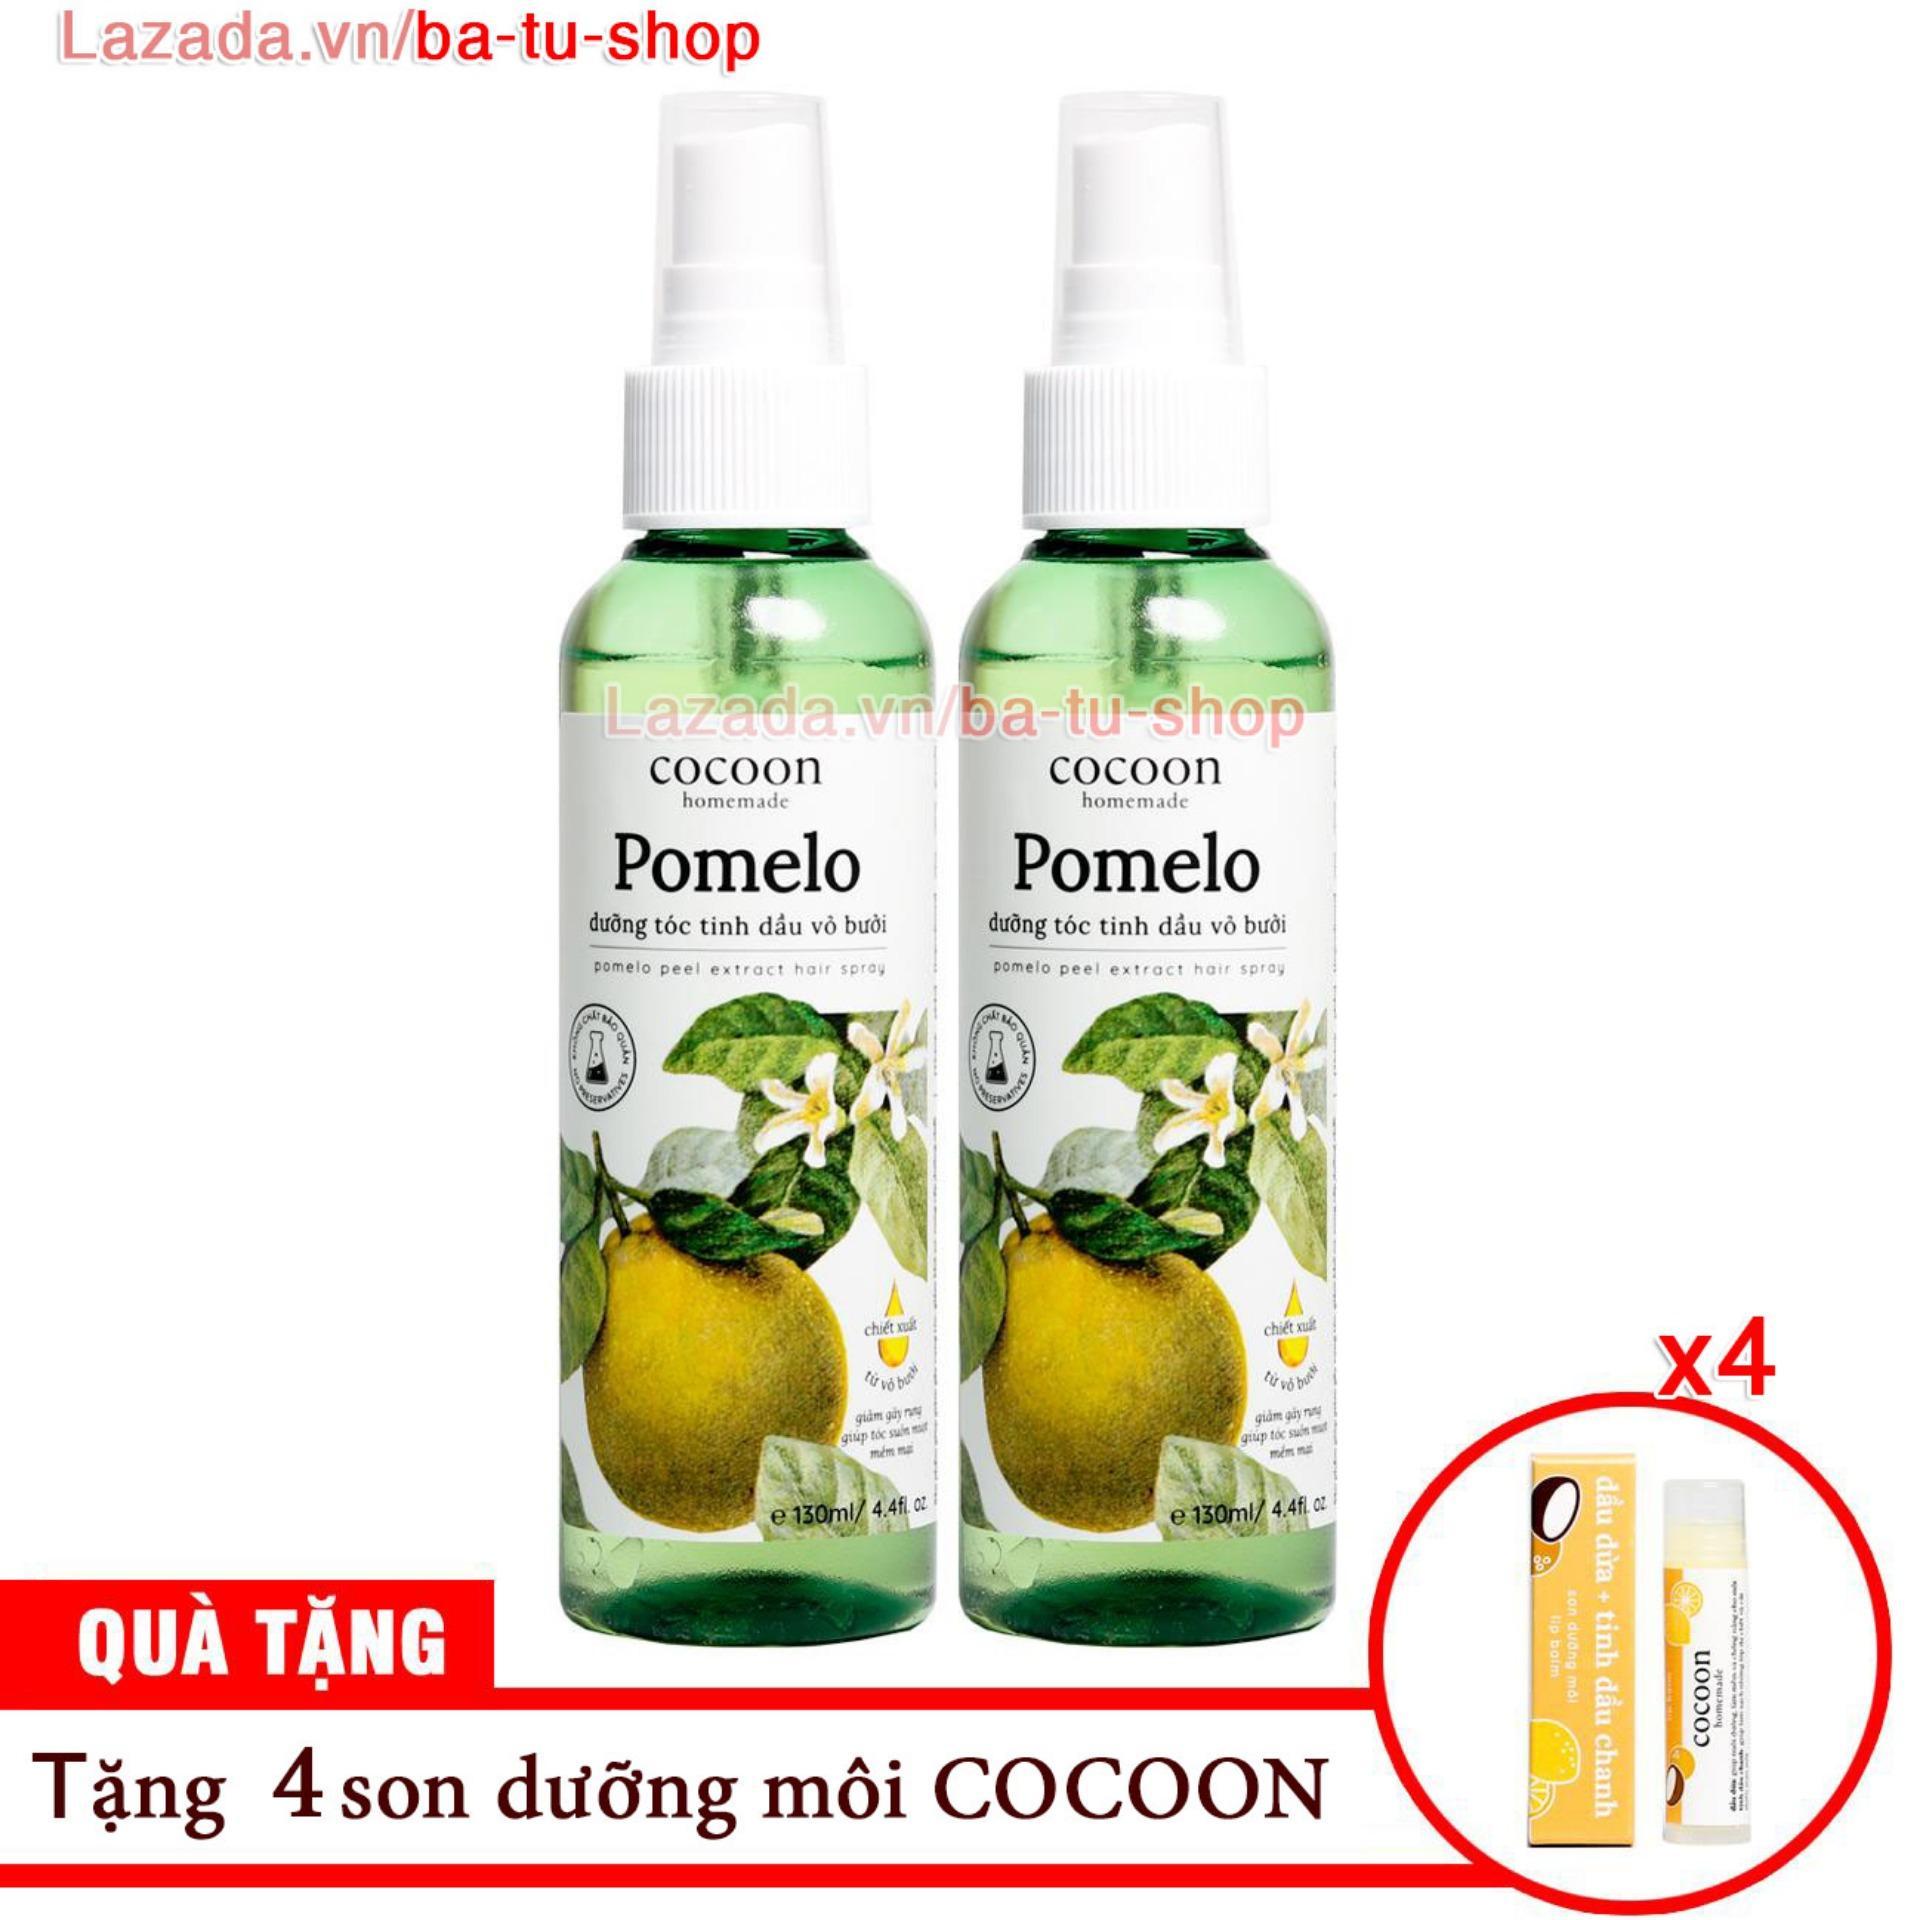 Bộ 2 chai dưỡng tóc tinh dầu bưởi pomelo tặng 4 son dưỡng môi Lip Care